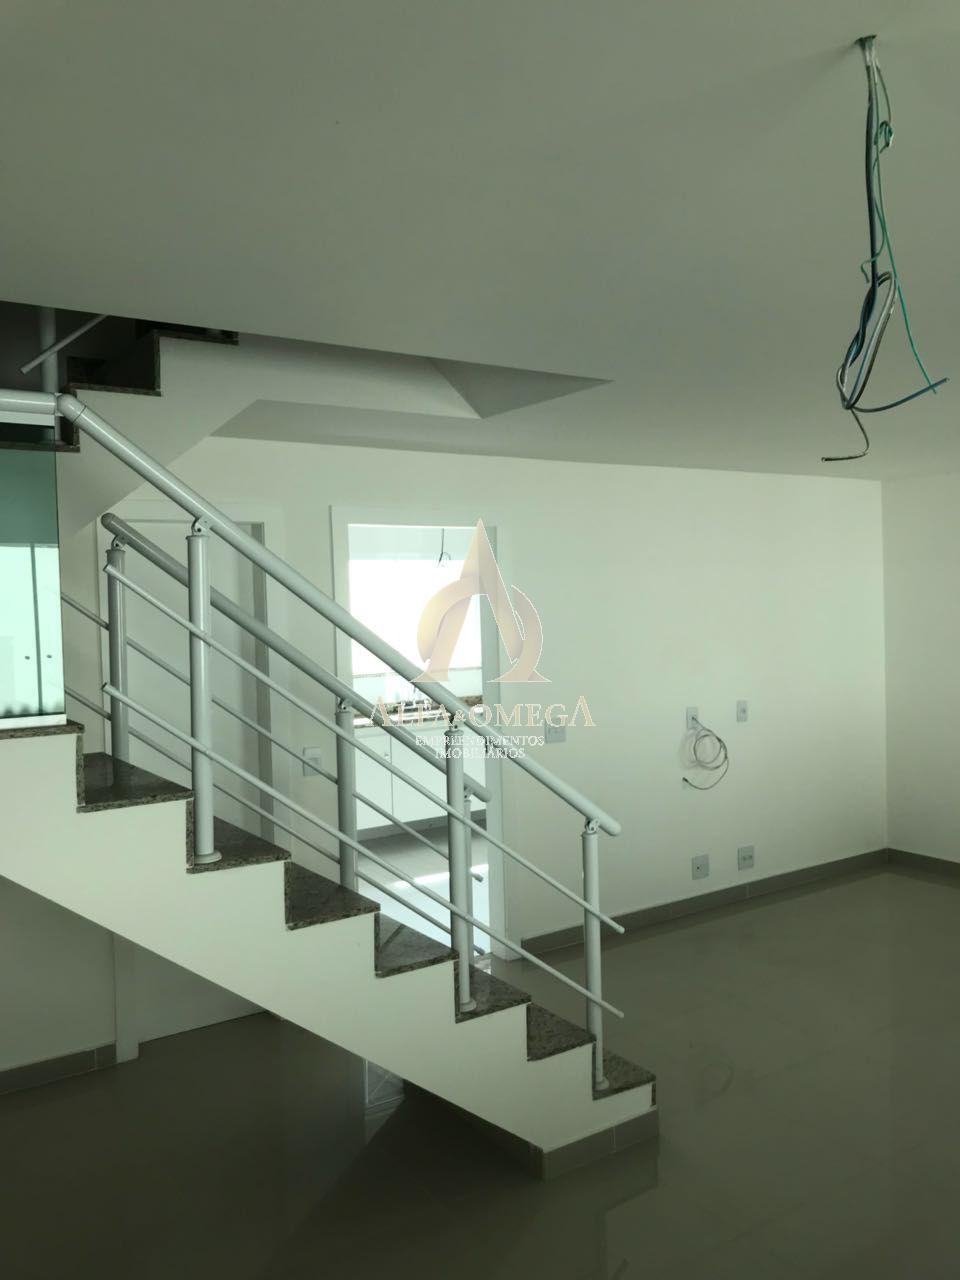 FOTO 3 - Casa Taquara, Rio de Janeiro, RJ À Venda, 3 Quartos, 120m² - AOJ60014 - 4